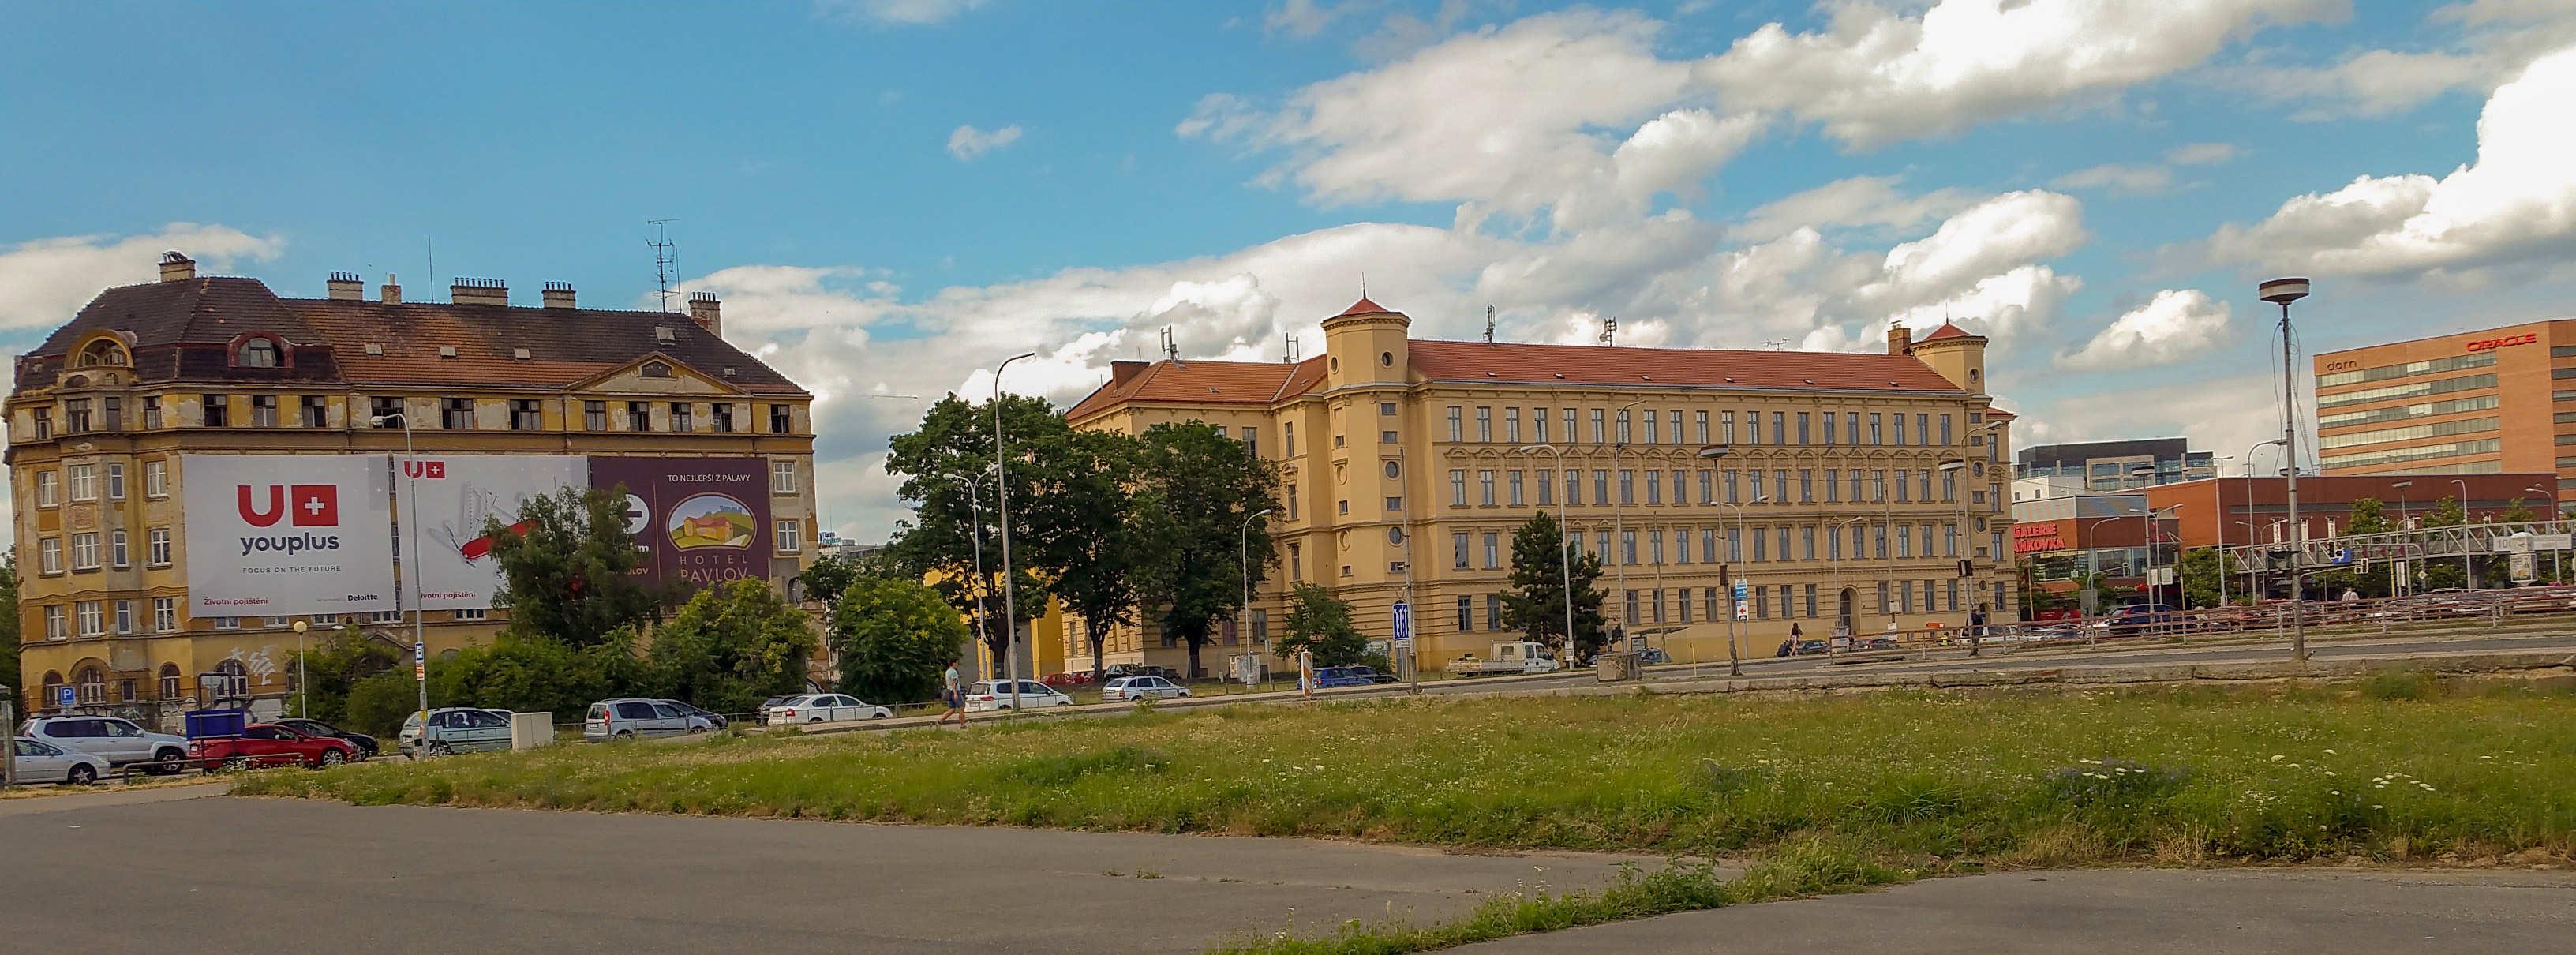 Ulice Opuštěná v Brně, kde mělo vzniknout nové brněnské nádraží